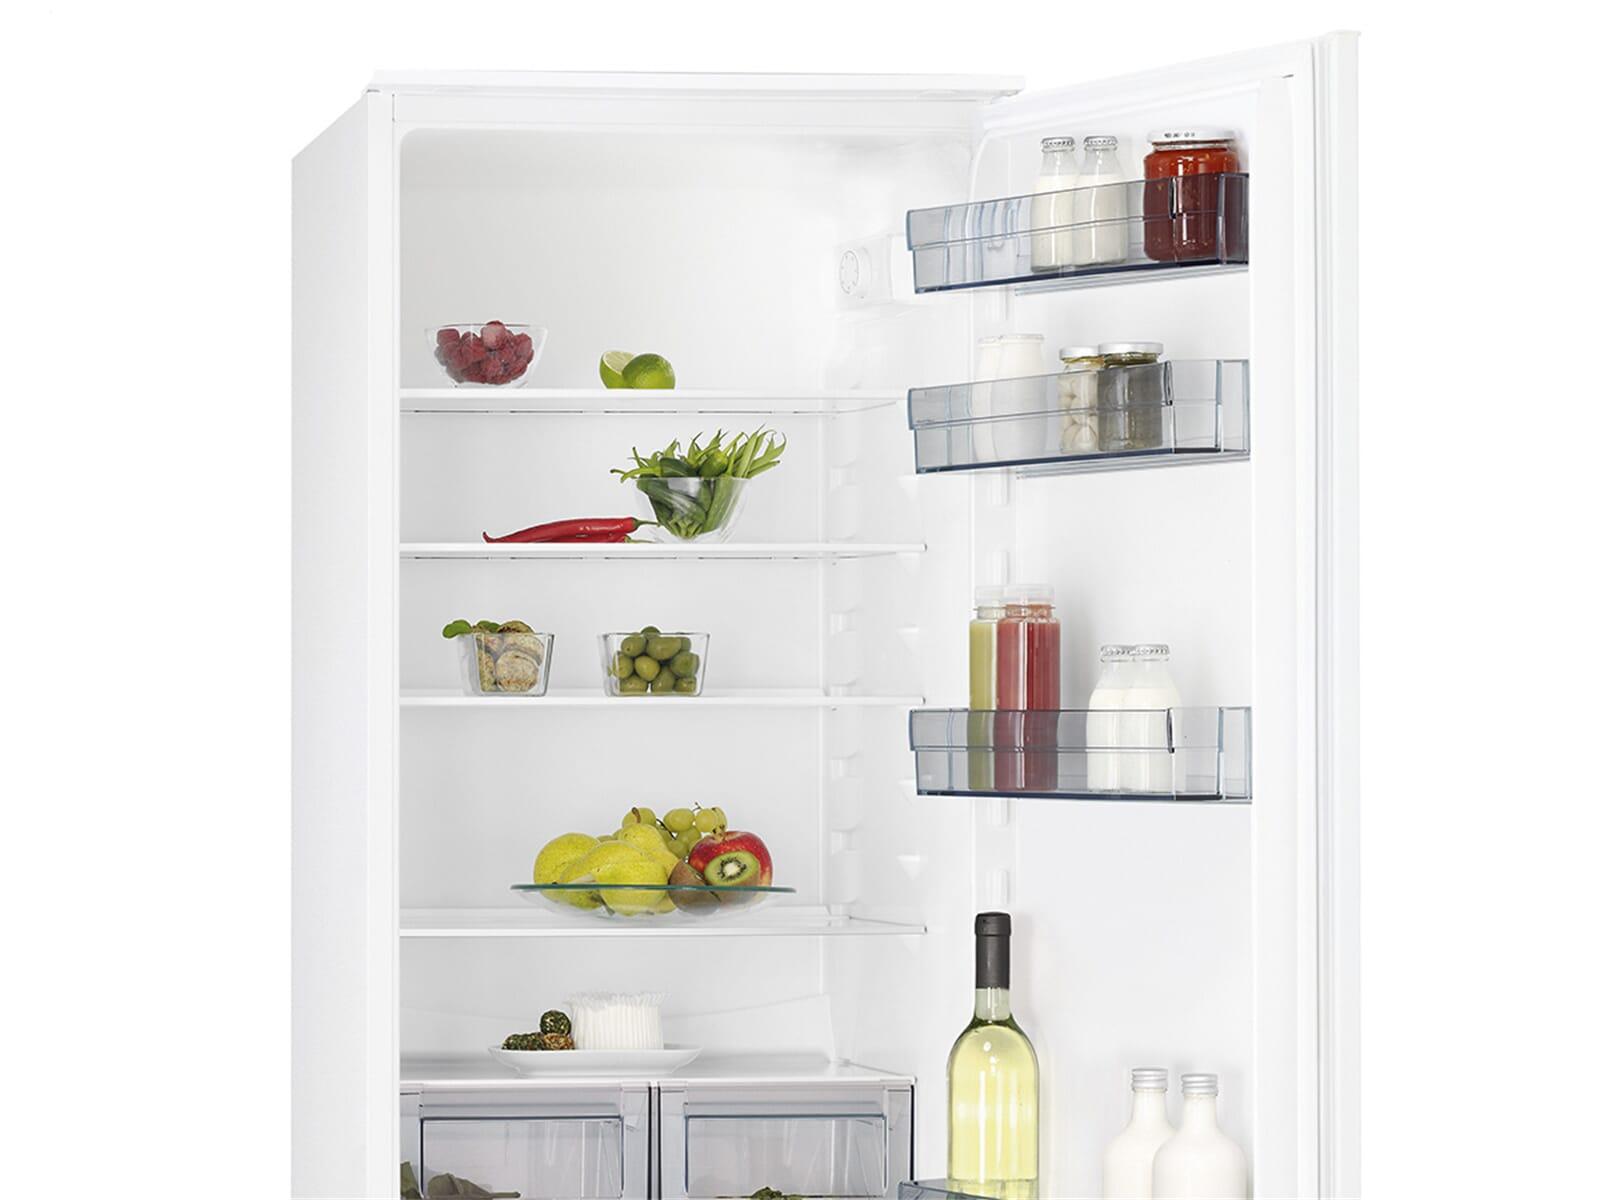 Aeg Kühlschrank Gefrierkombination Einbau : Aeg scb ls einbau kühl gefrierkombination